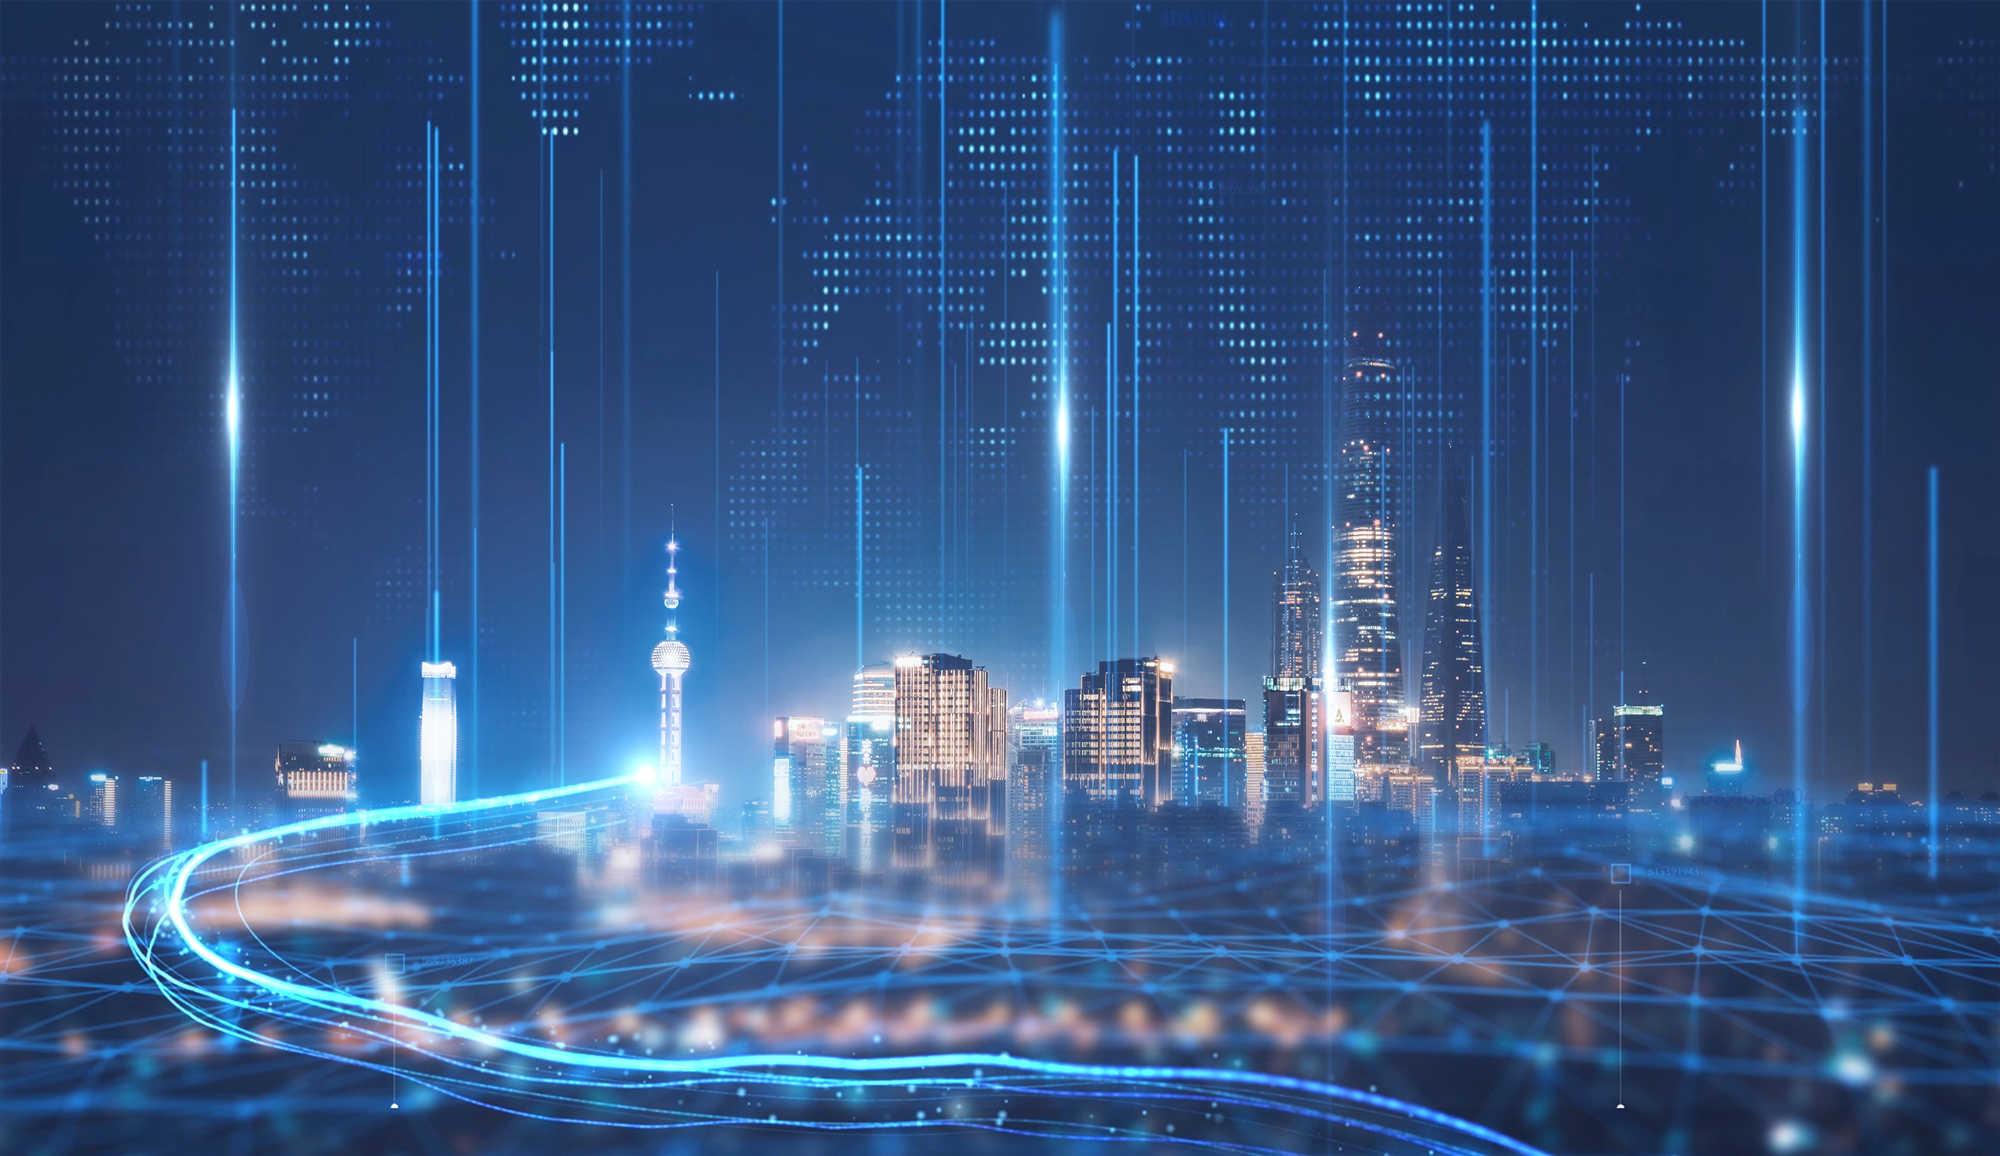 数据分析、数据挖掘、大数据的区别